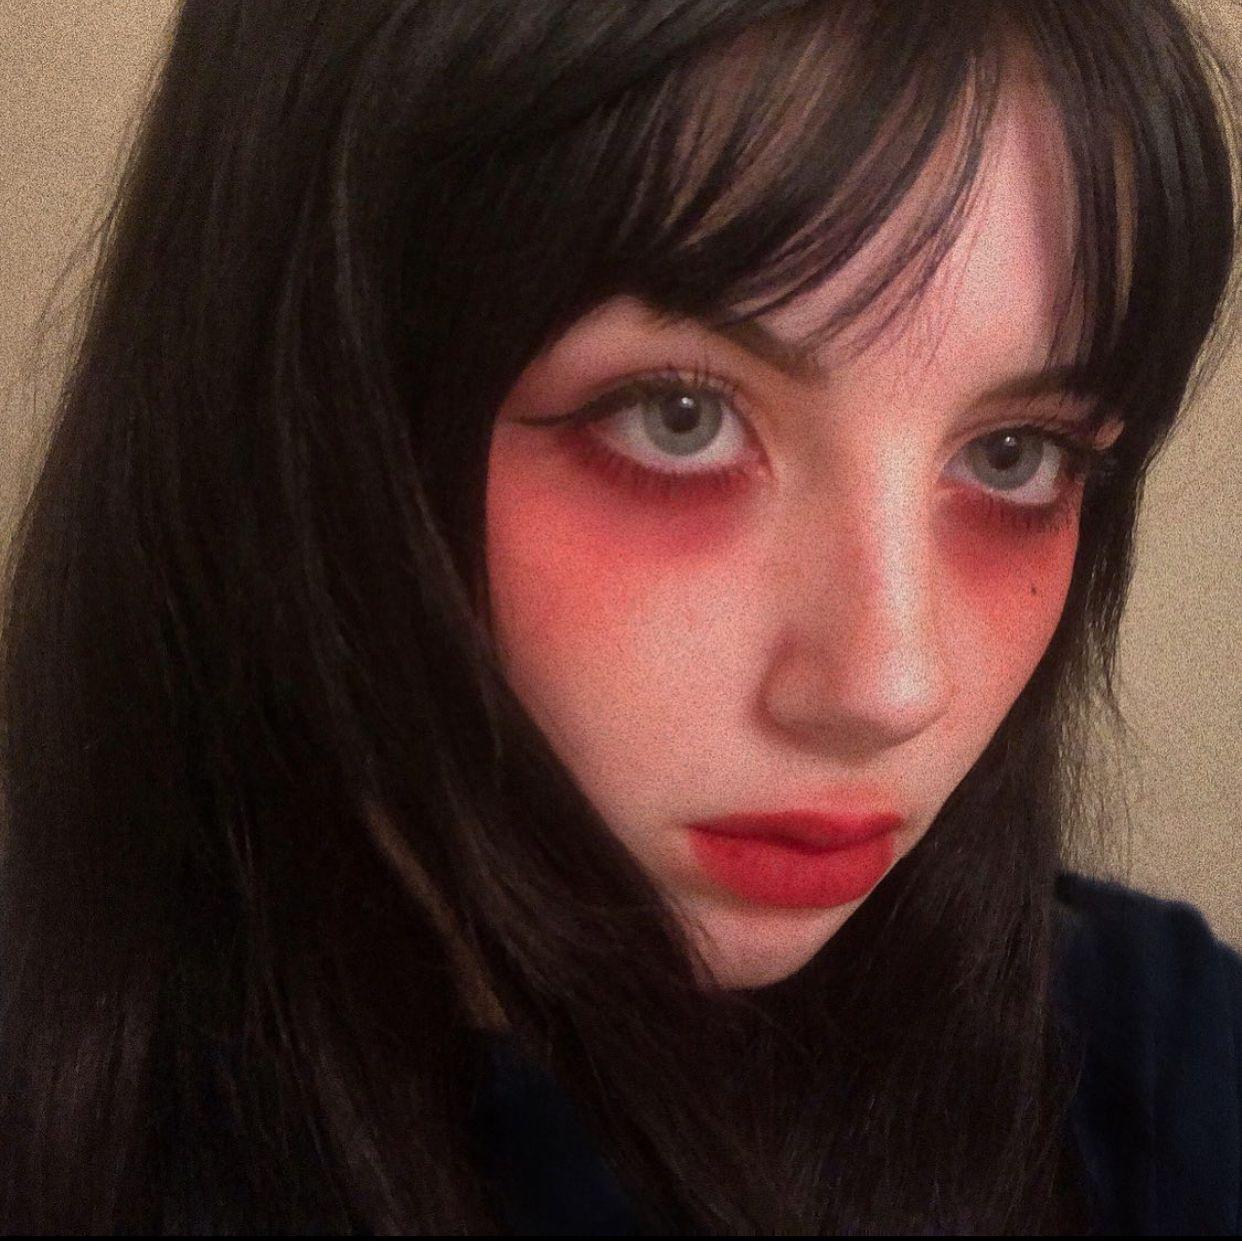 Yyami0 Grunge Kawaii Anime Animegf Cute Tiktok Egirl Aesthetic Makeup Edgy In 2020 Pastel Makeup Aesthetic Makeup Makeup